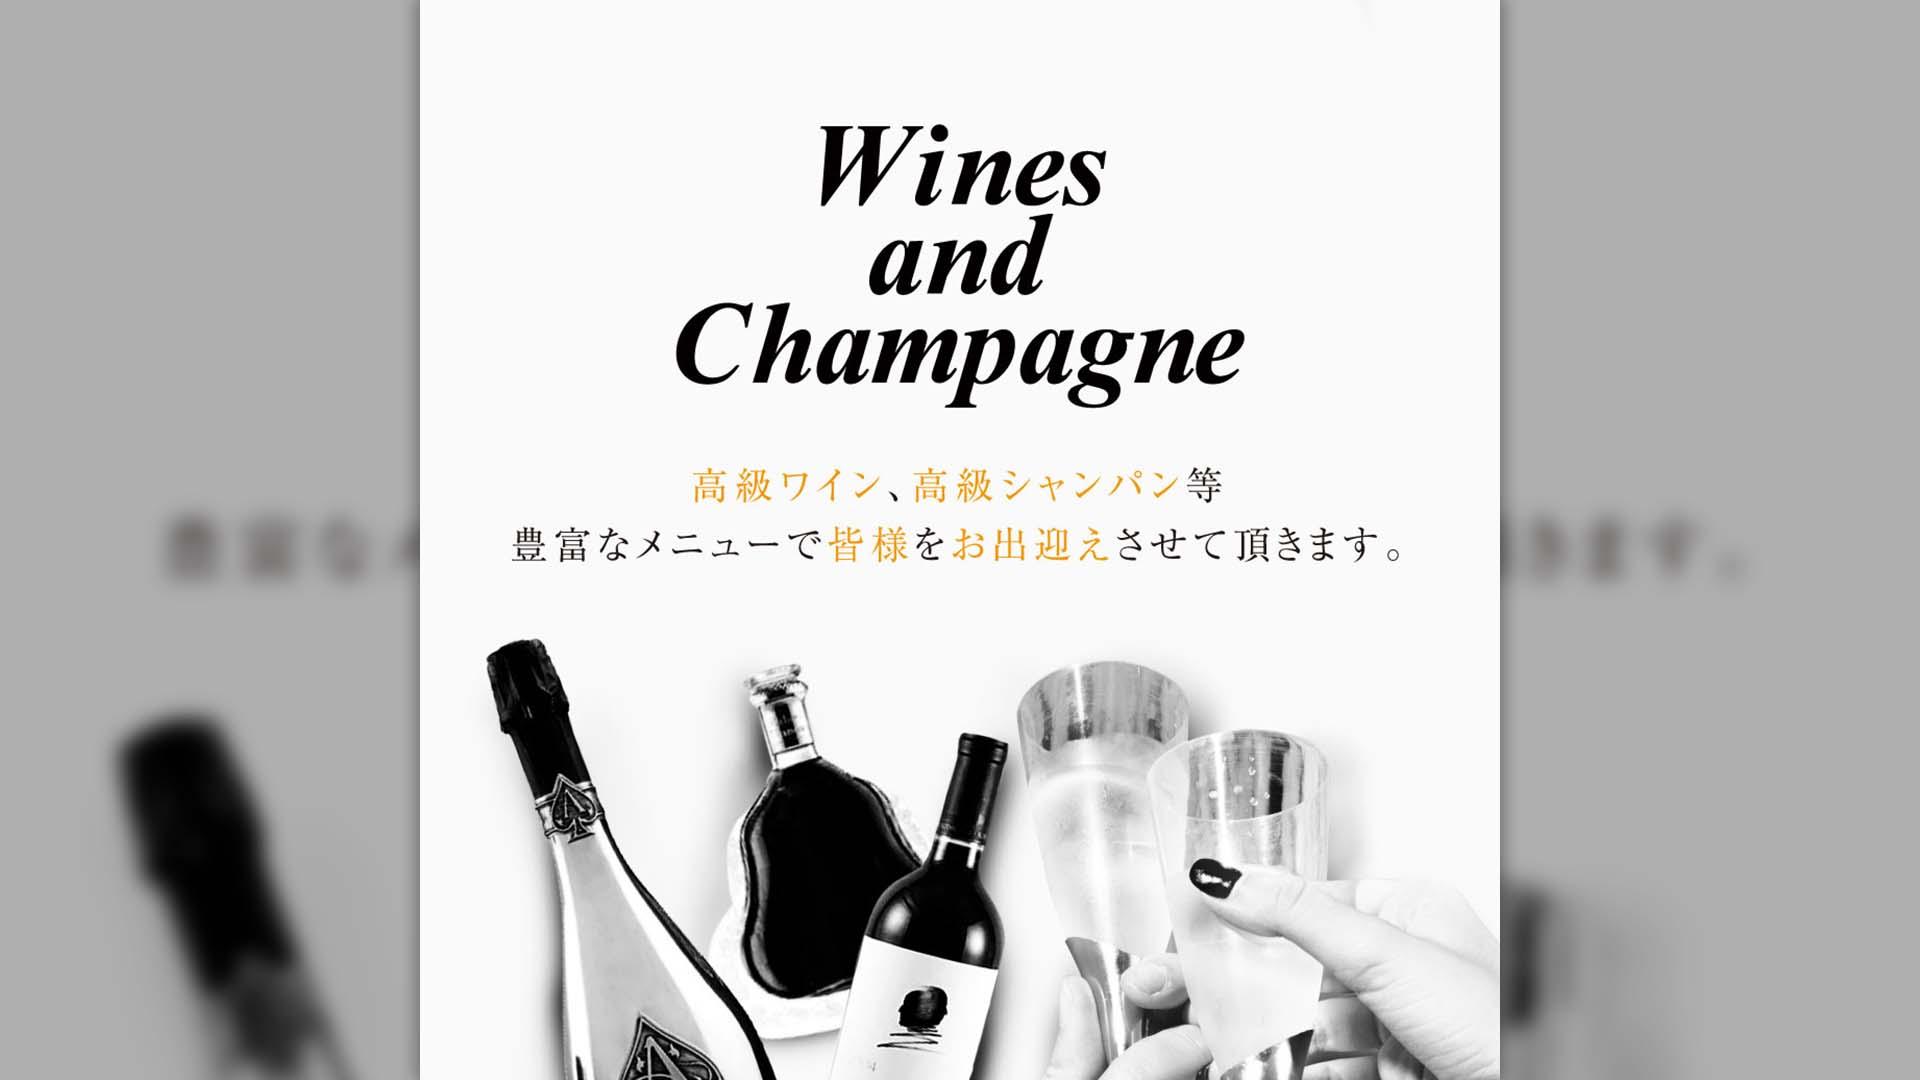 高級ワイン&シャンパンで贅沢なひとときを。